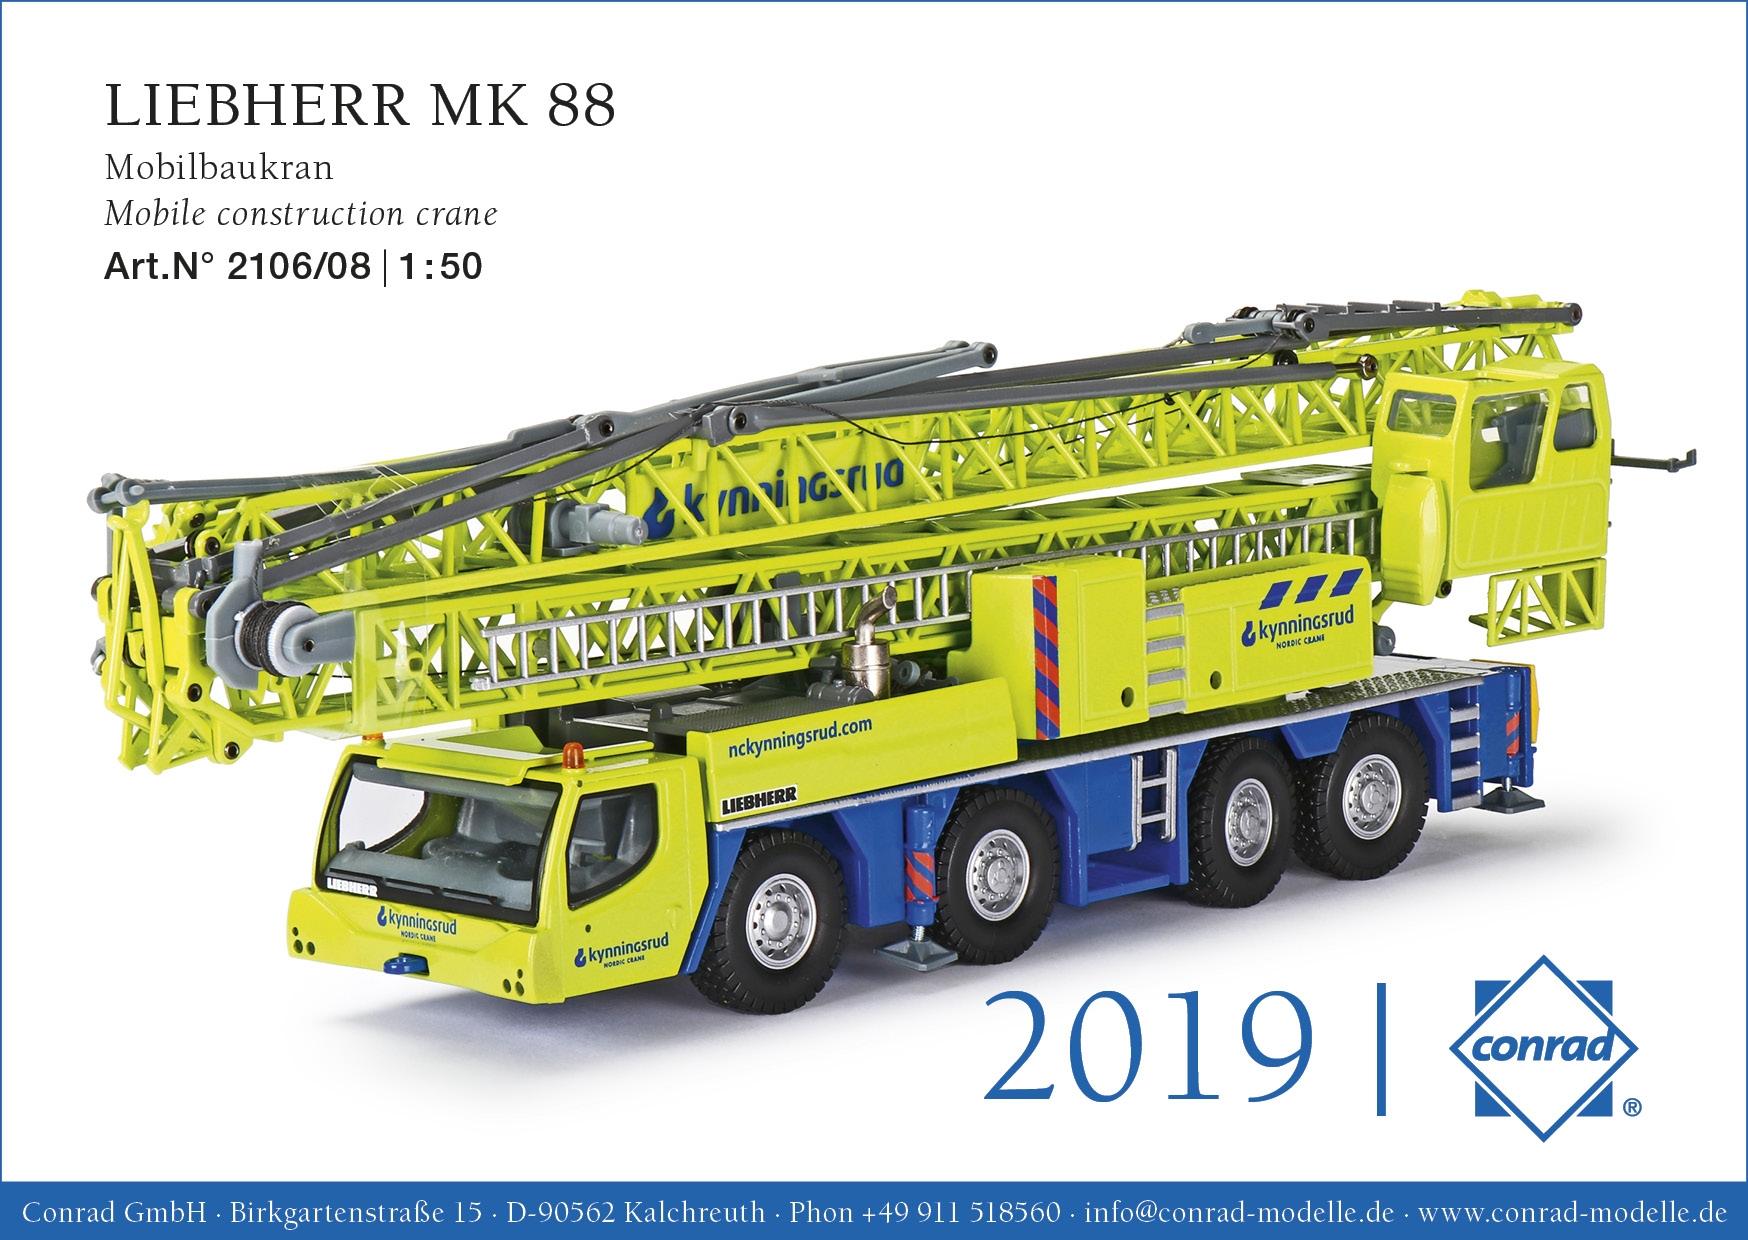 Liebherr MK 88 Mobilbaukran